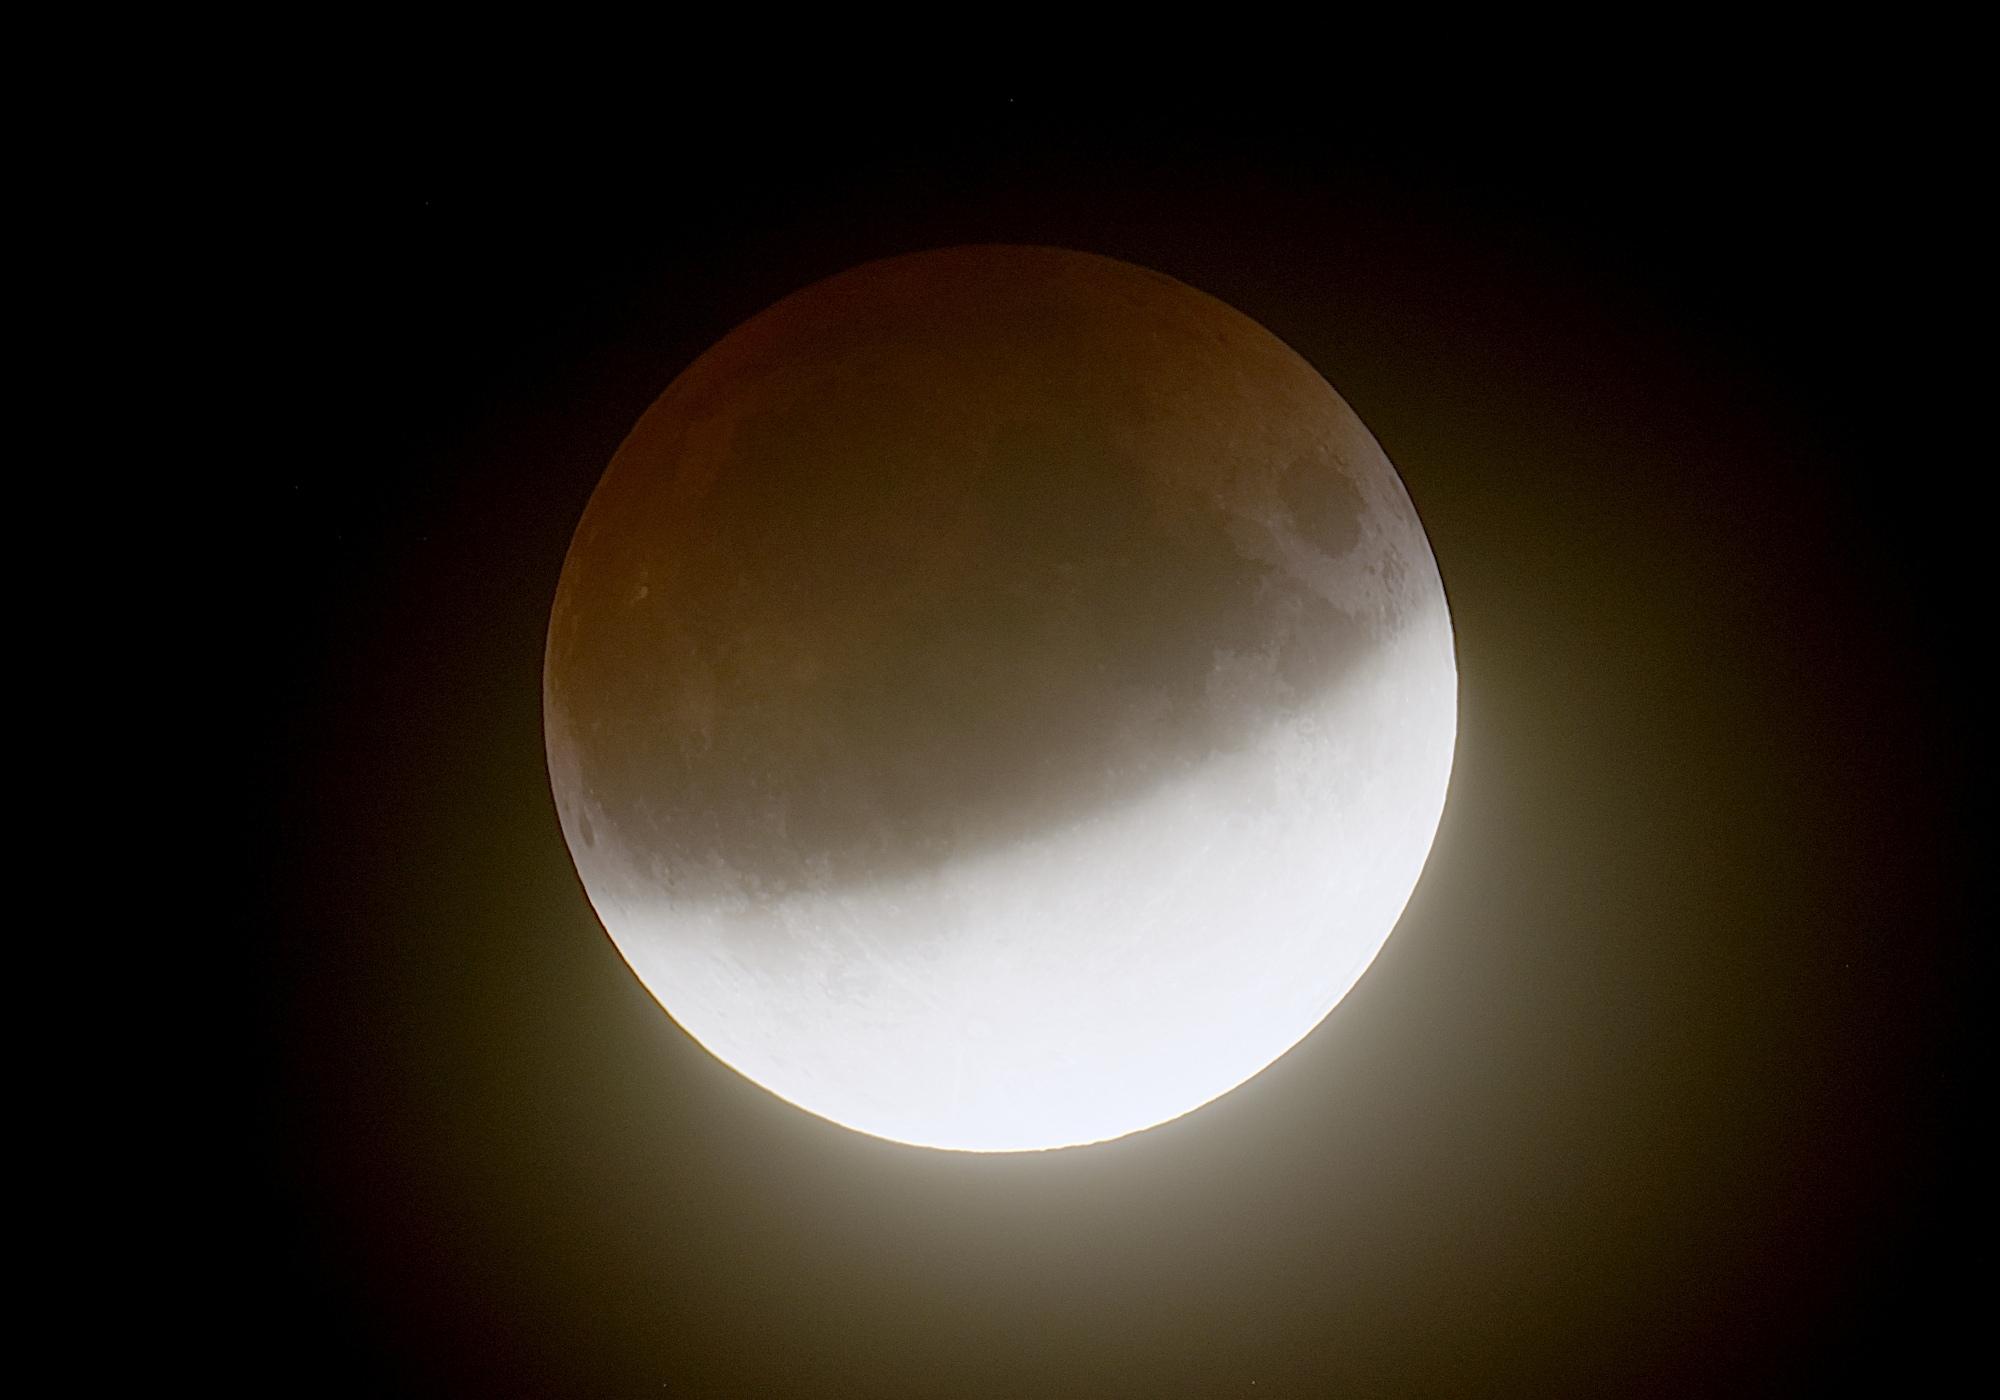 eclipselune-160719-21h29m07s-t407f4bhdrlogc.jpg.b0b96a1d7732a53615d965590f00931b.jpg